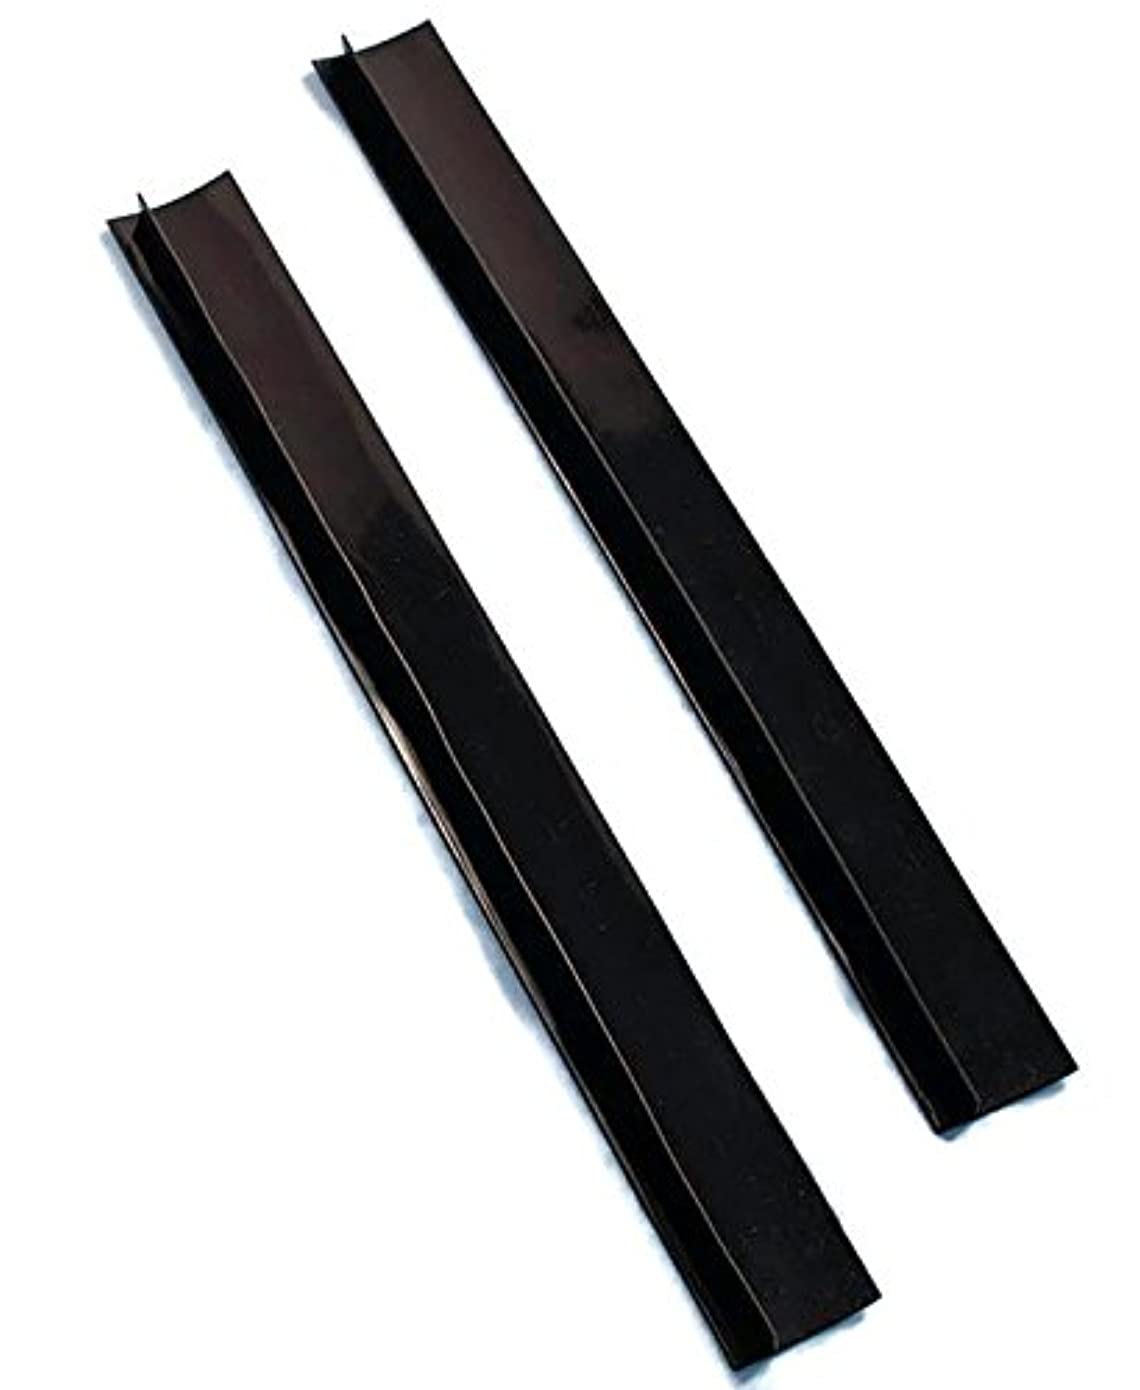 くるみ忘れっぽいコミットSet of 2 Black Silicone Counter Gap Covers by LTD Commodities